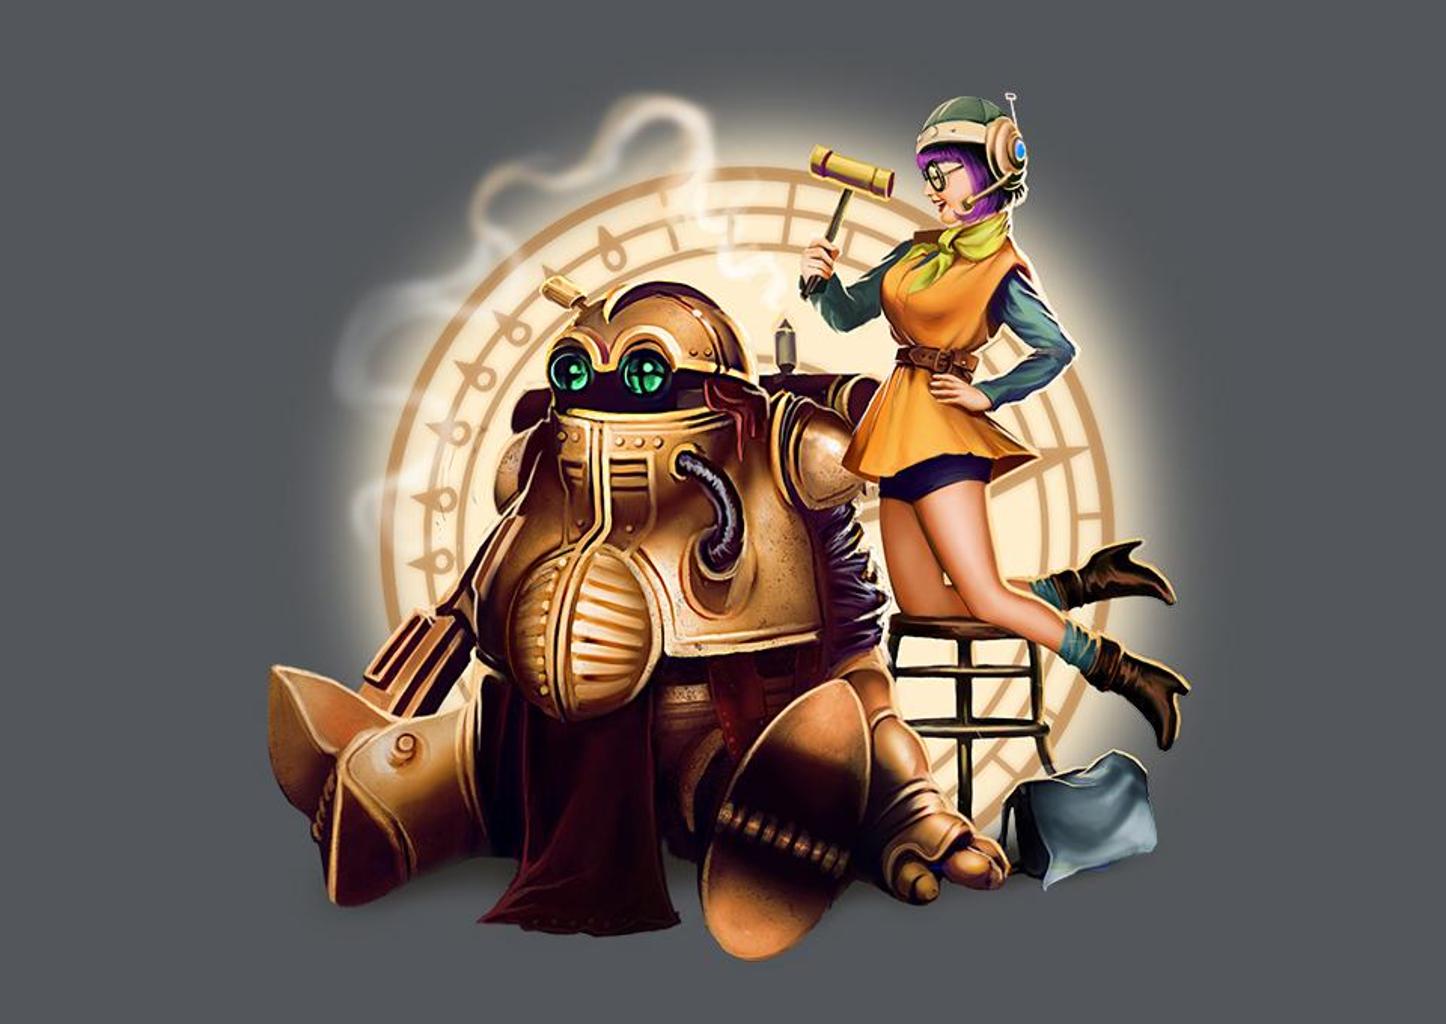 TeeFury: Lucca & Robo